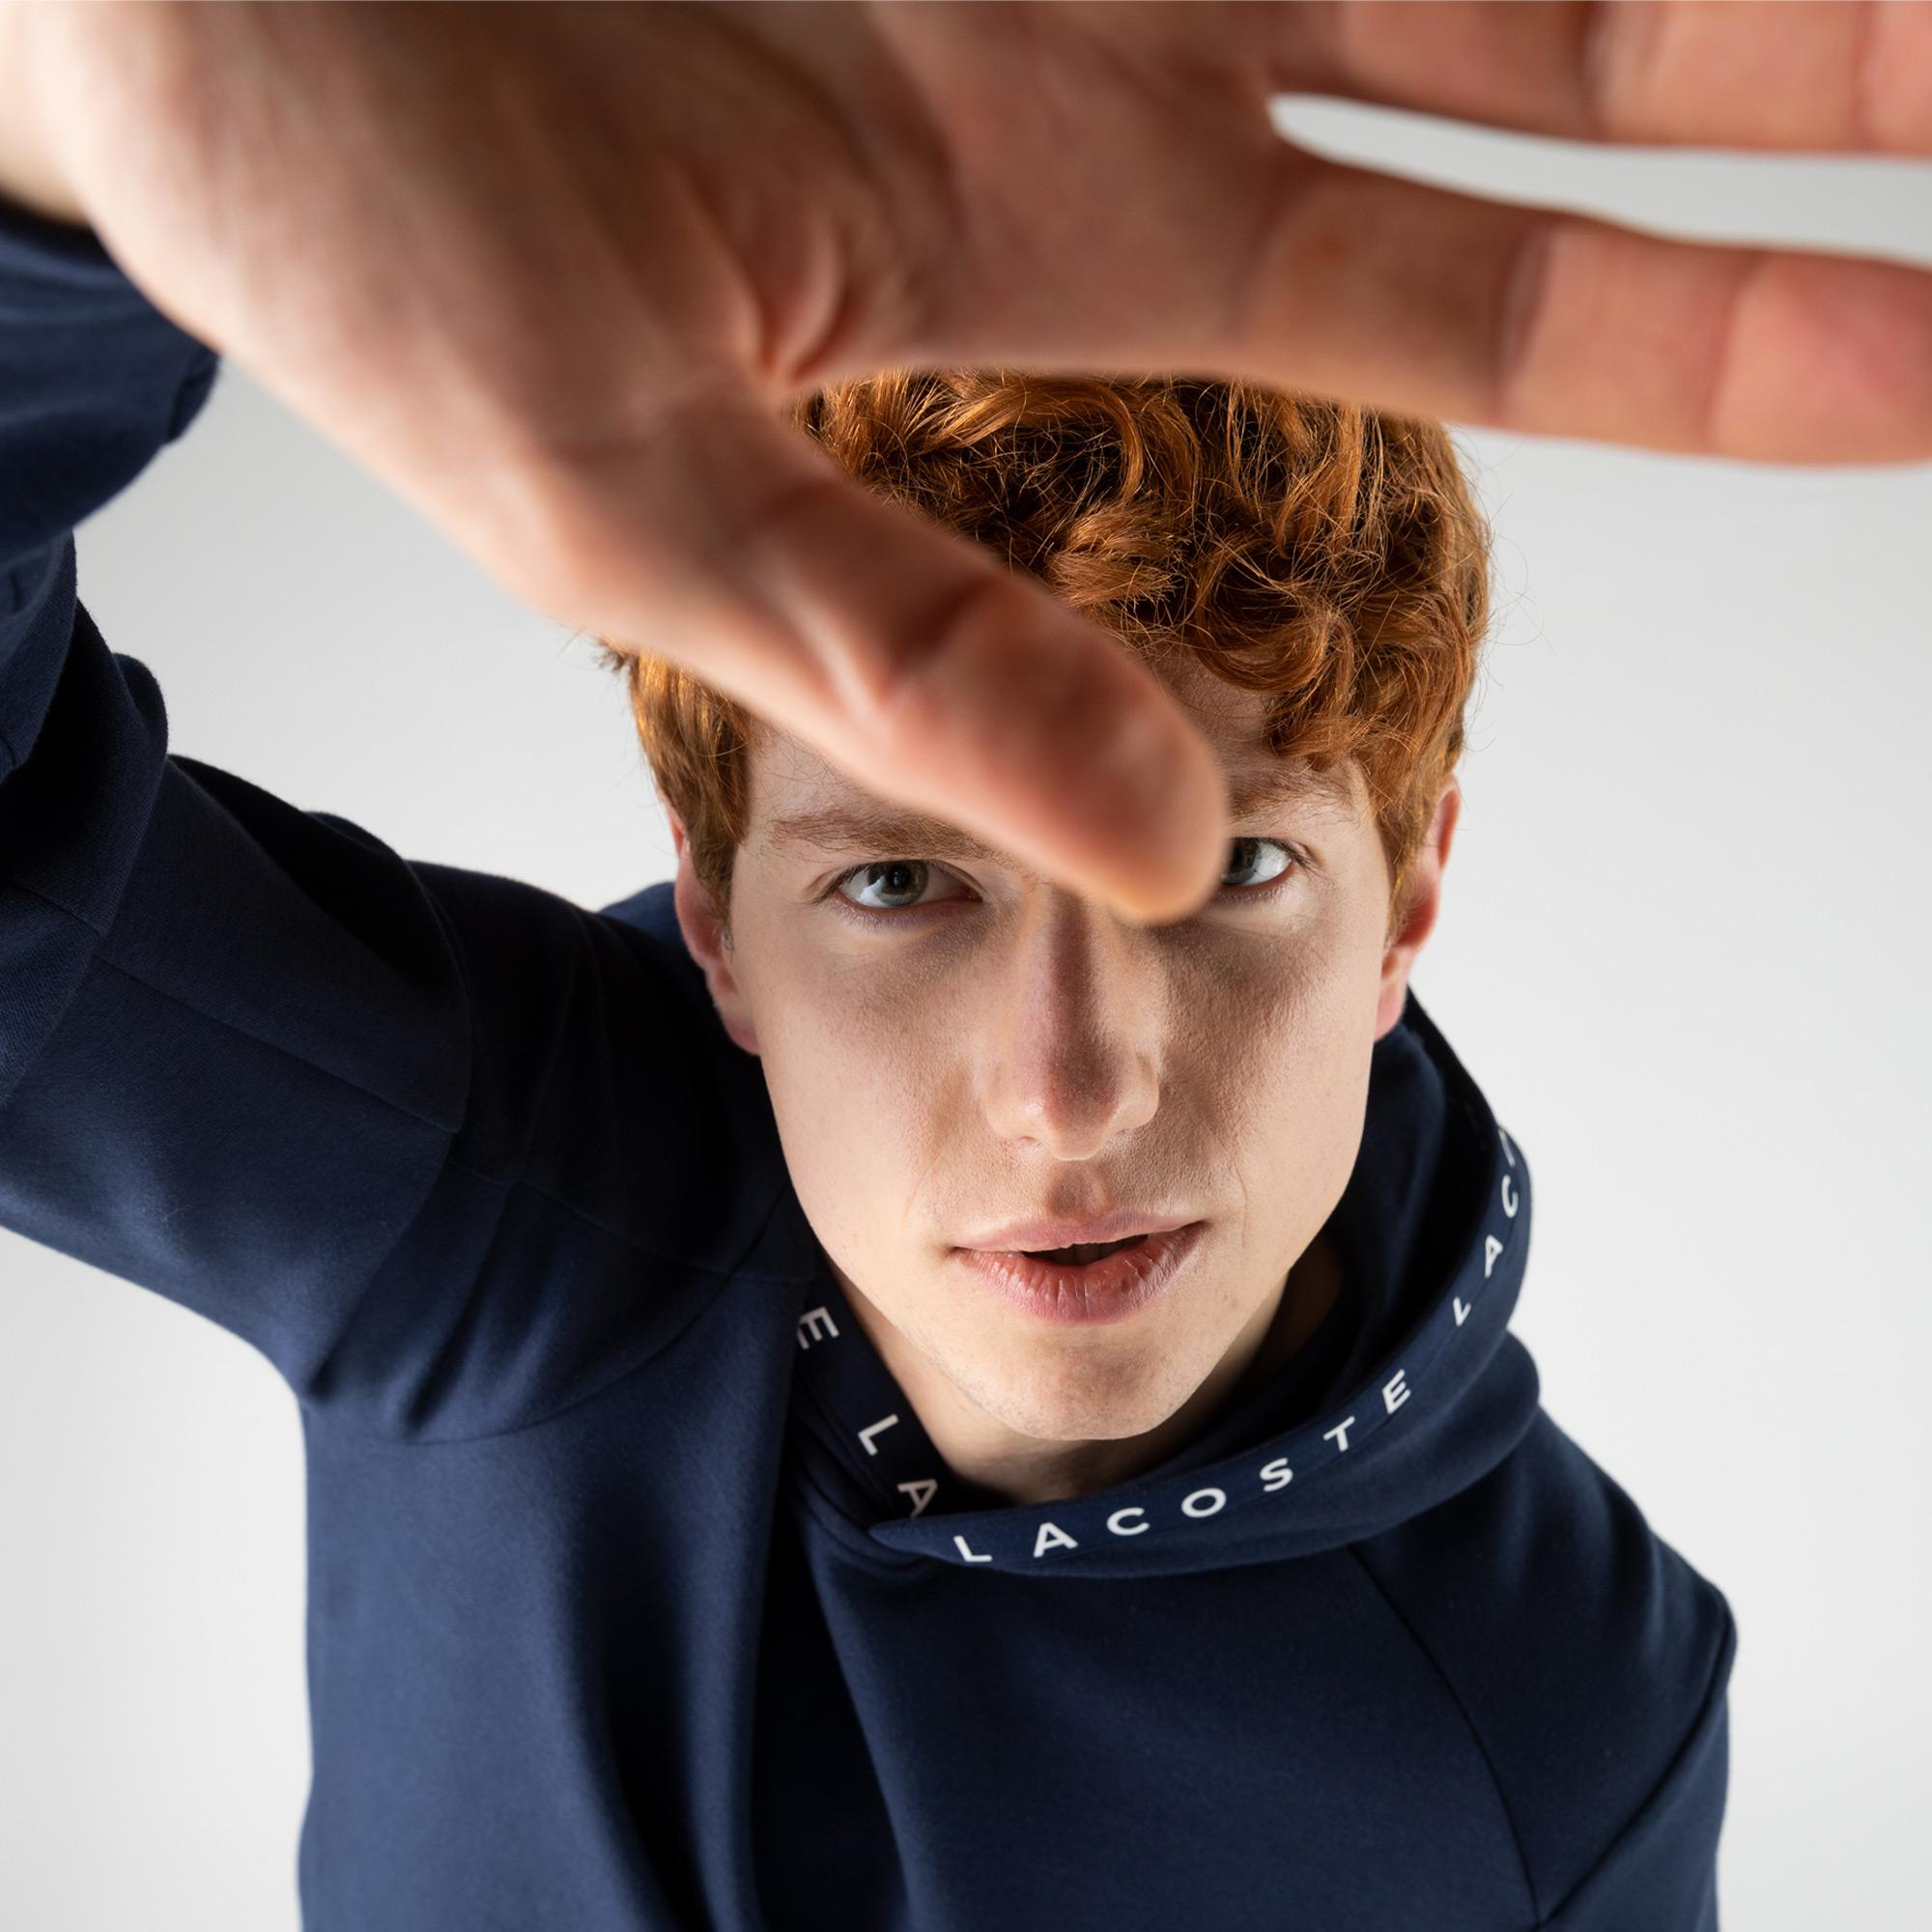 Lacoste Men's Sweatshirt